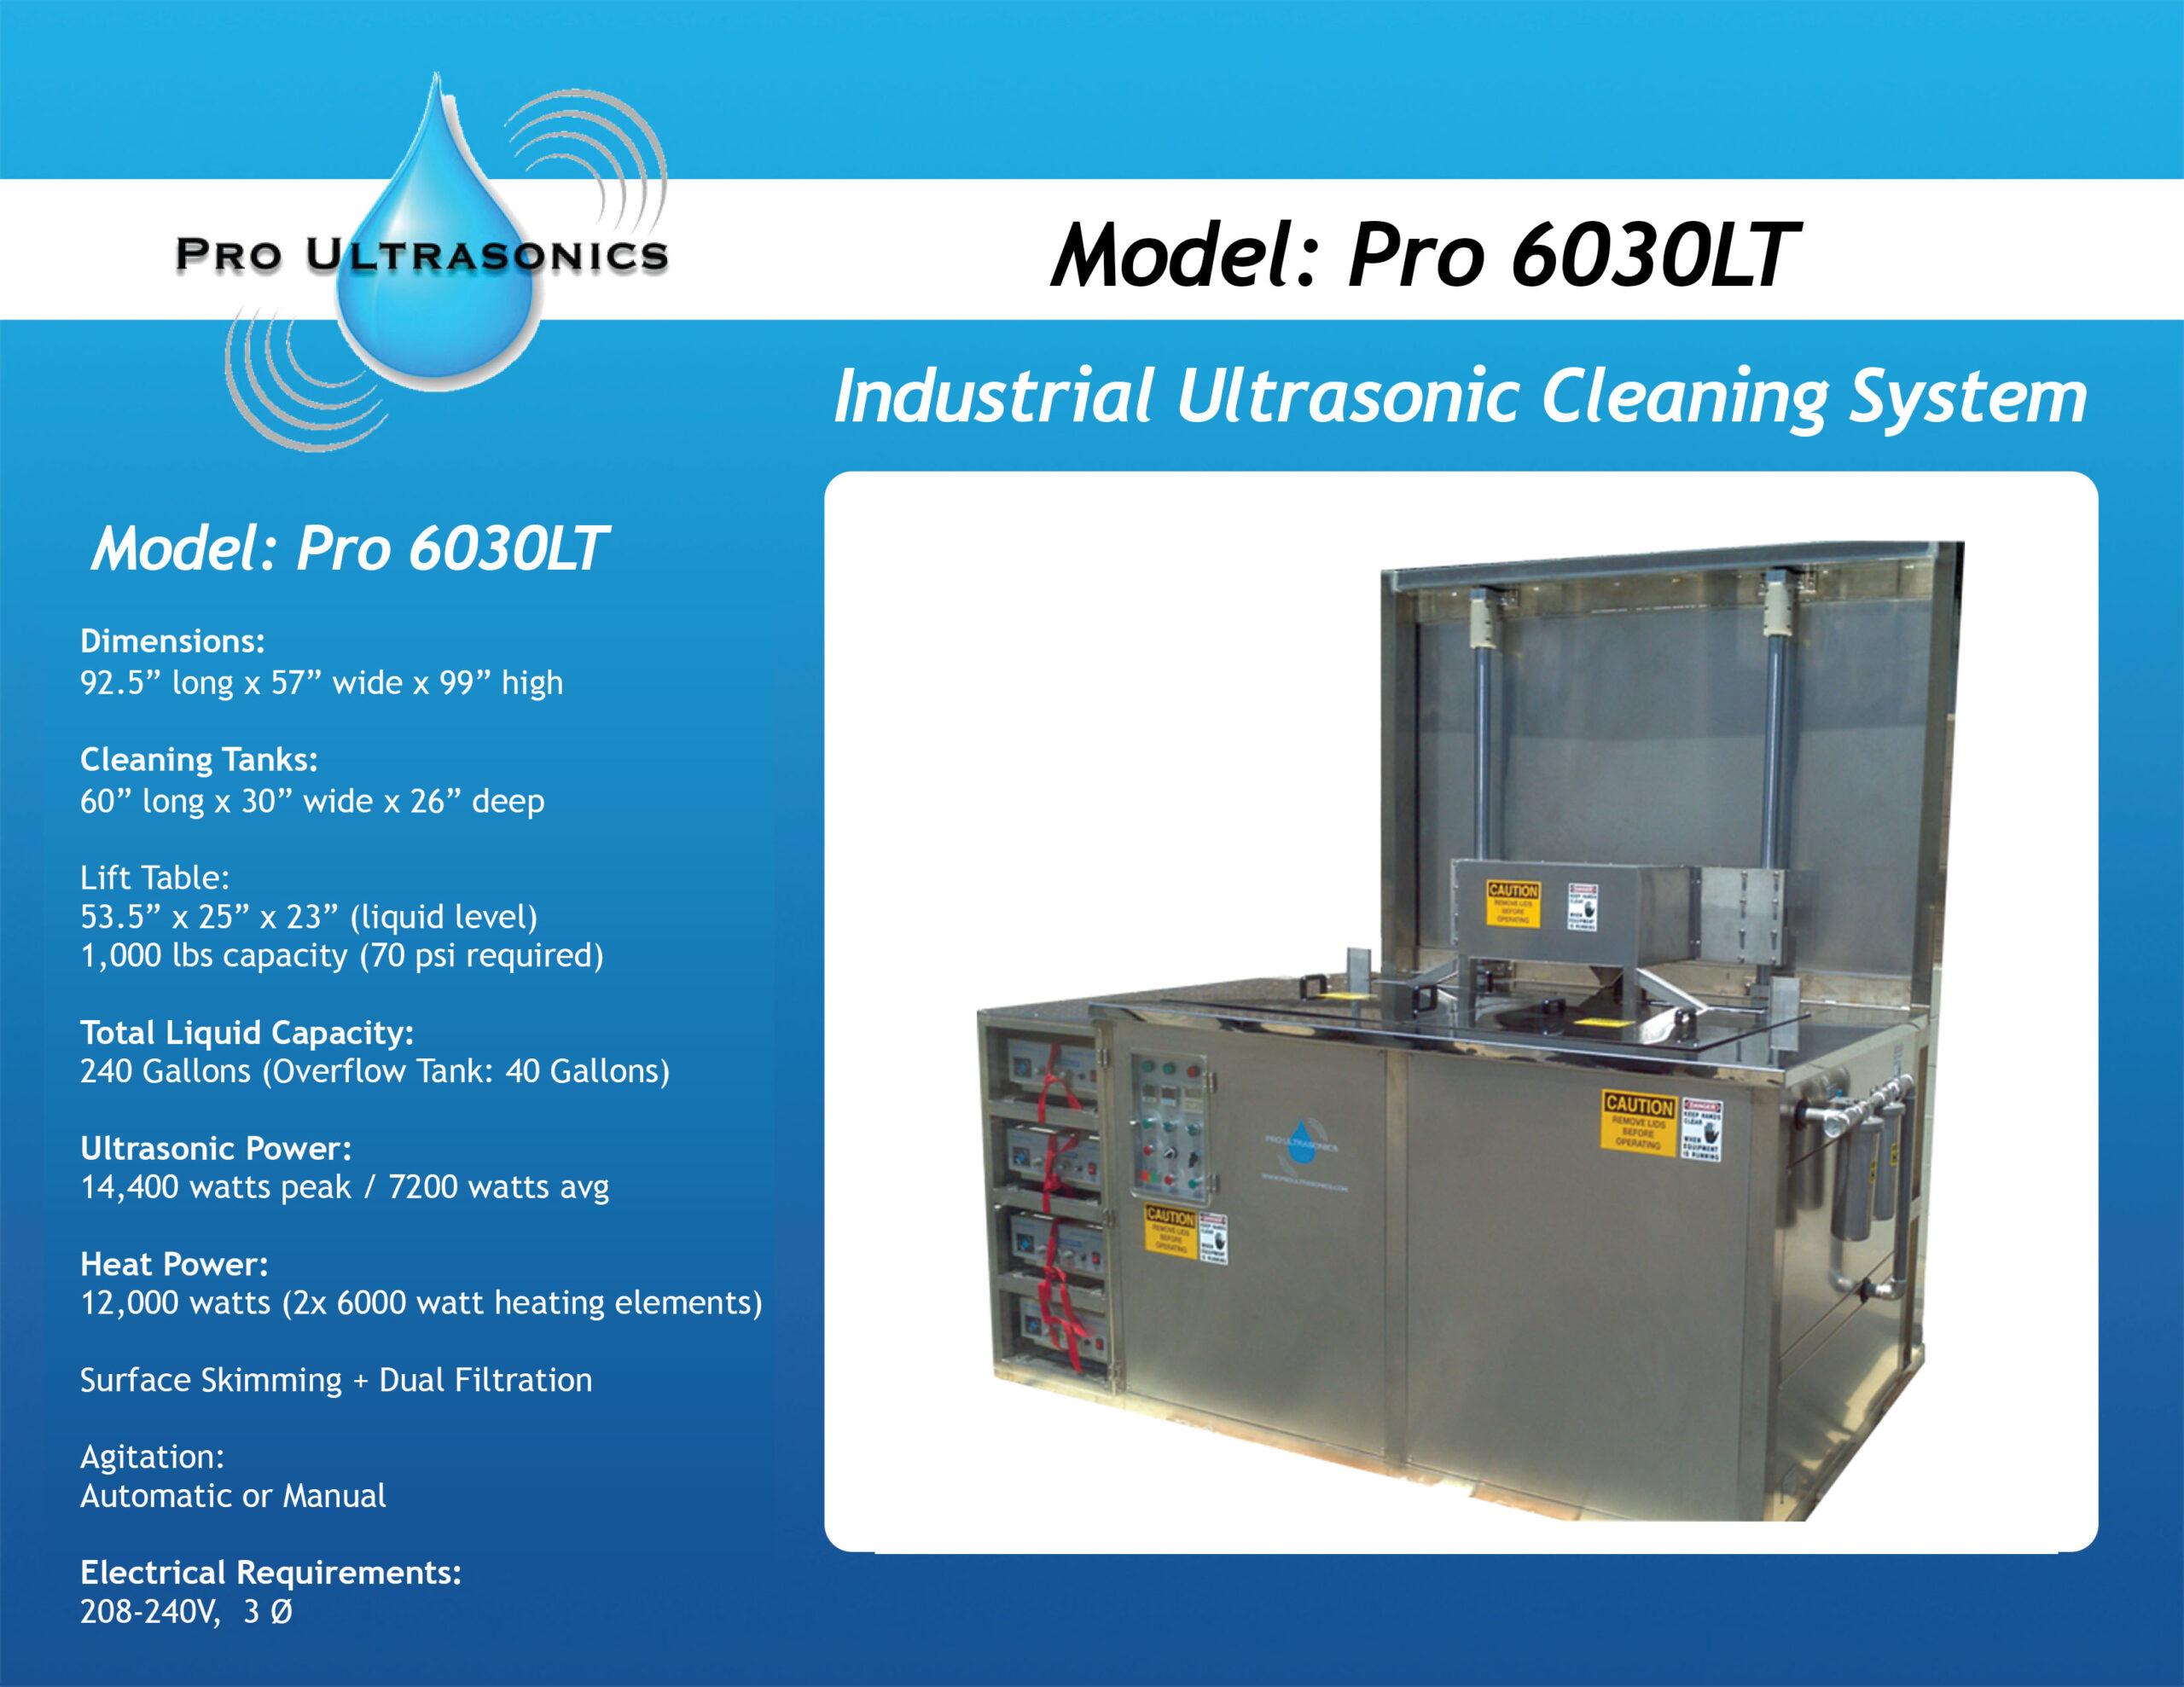 Pro 6030LT